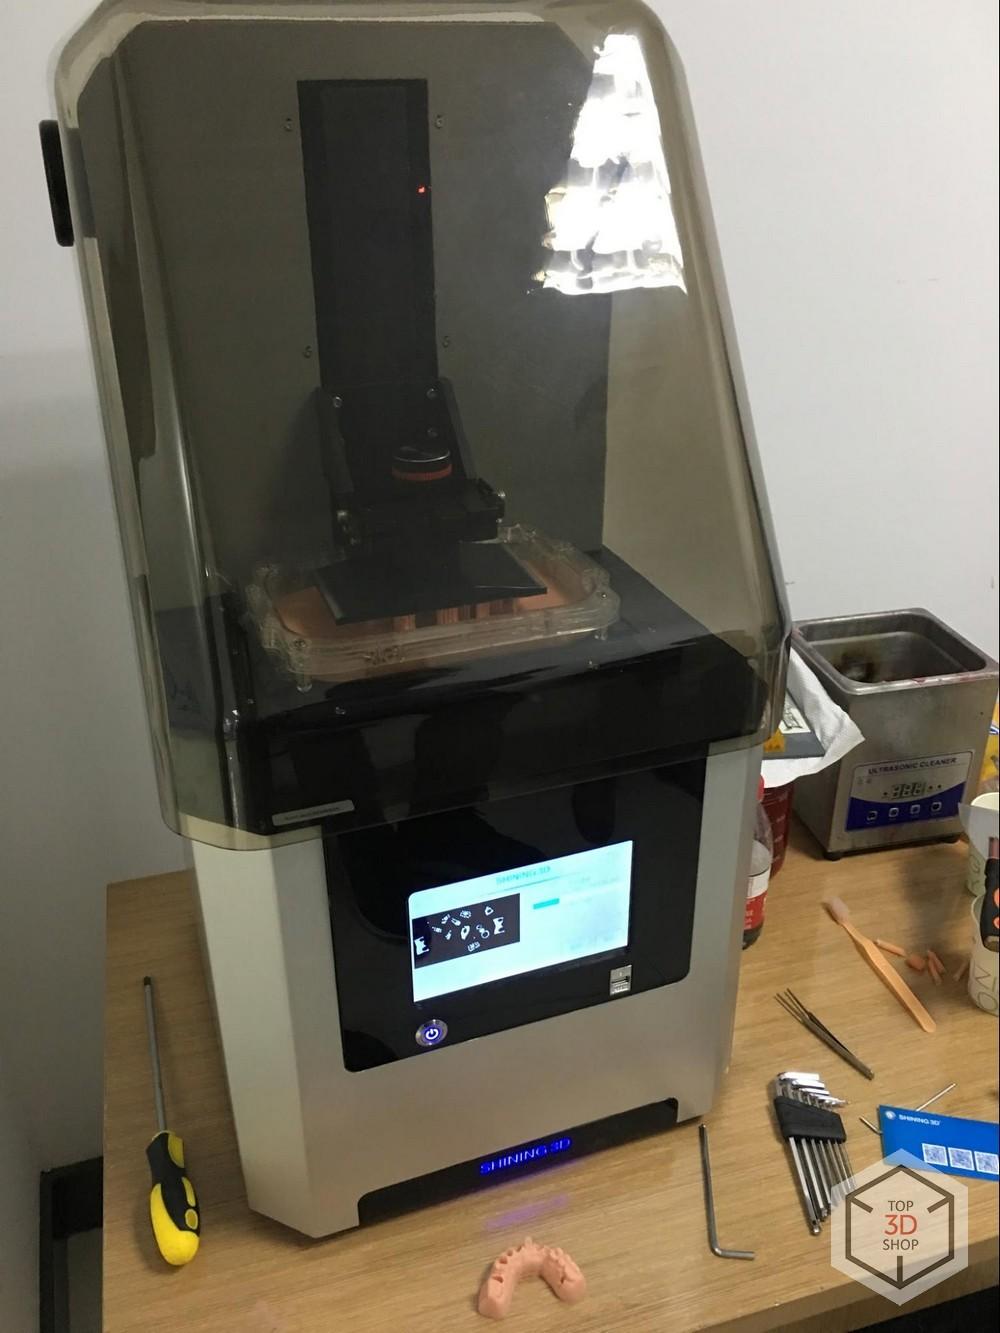 Китай в 3D — здесь делают 3D-принтеры - 53